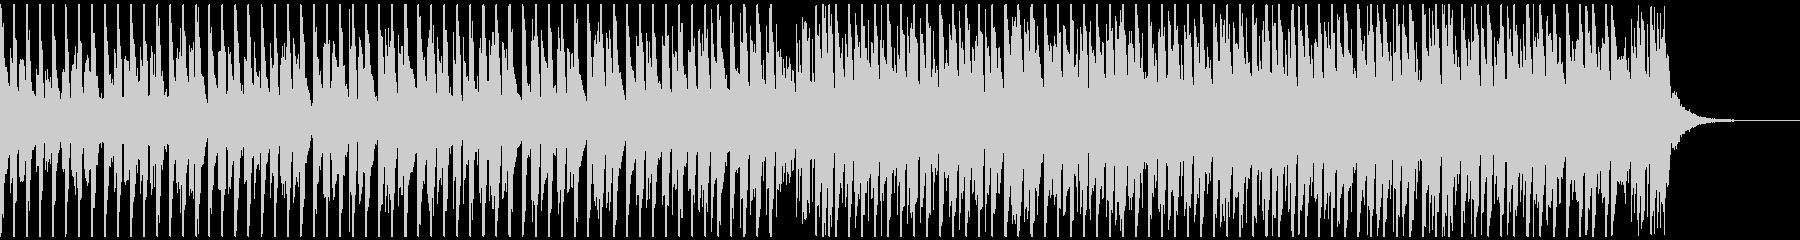 ポップパーティー(60秒)の未再生の波形